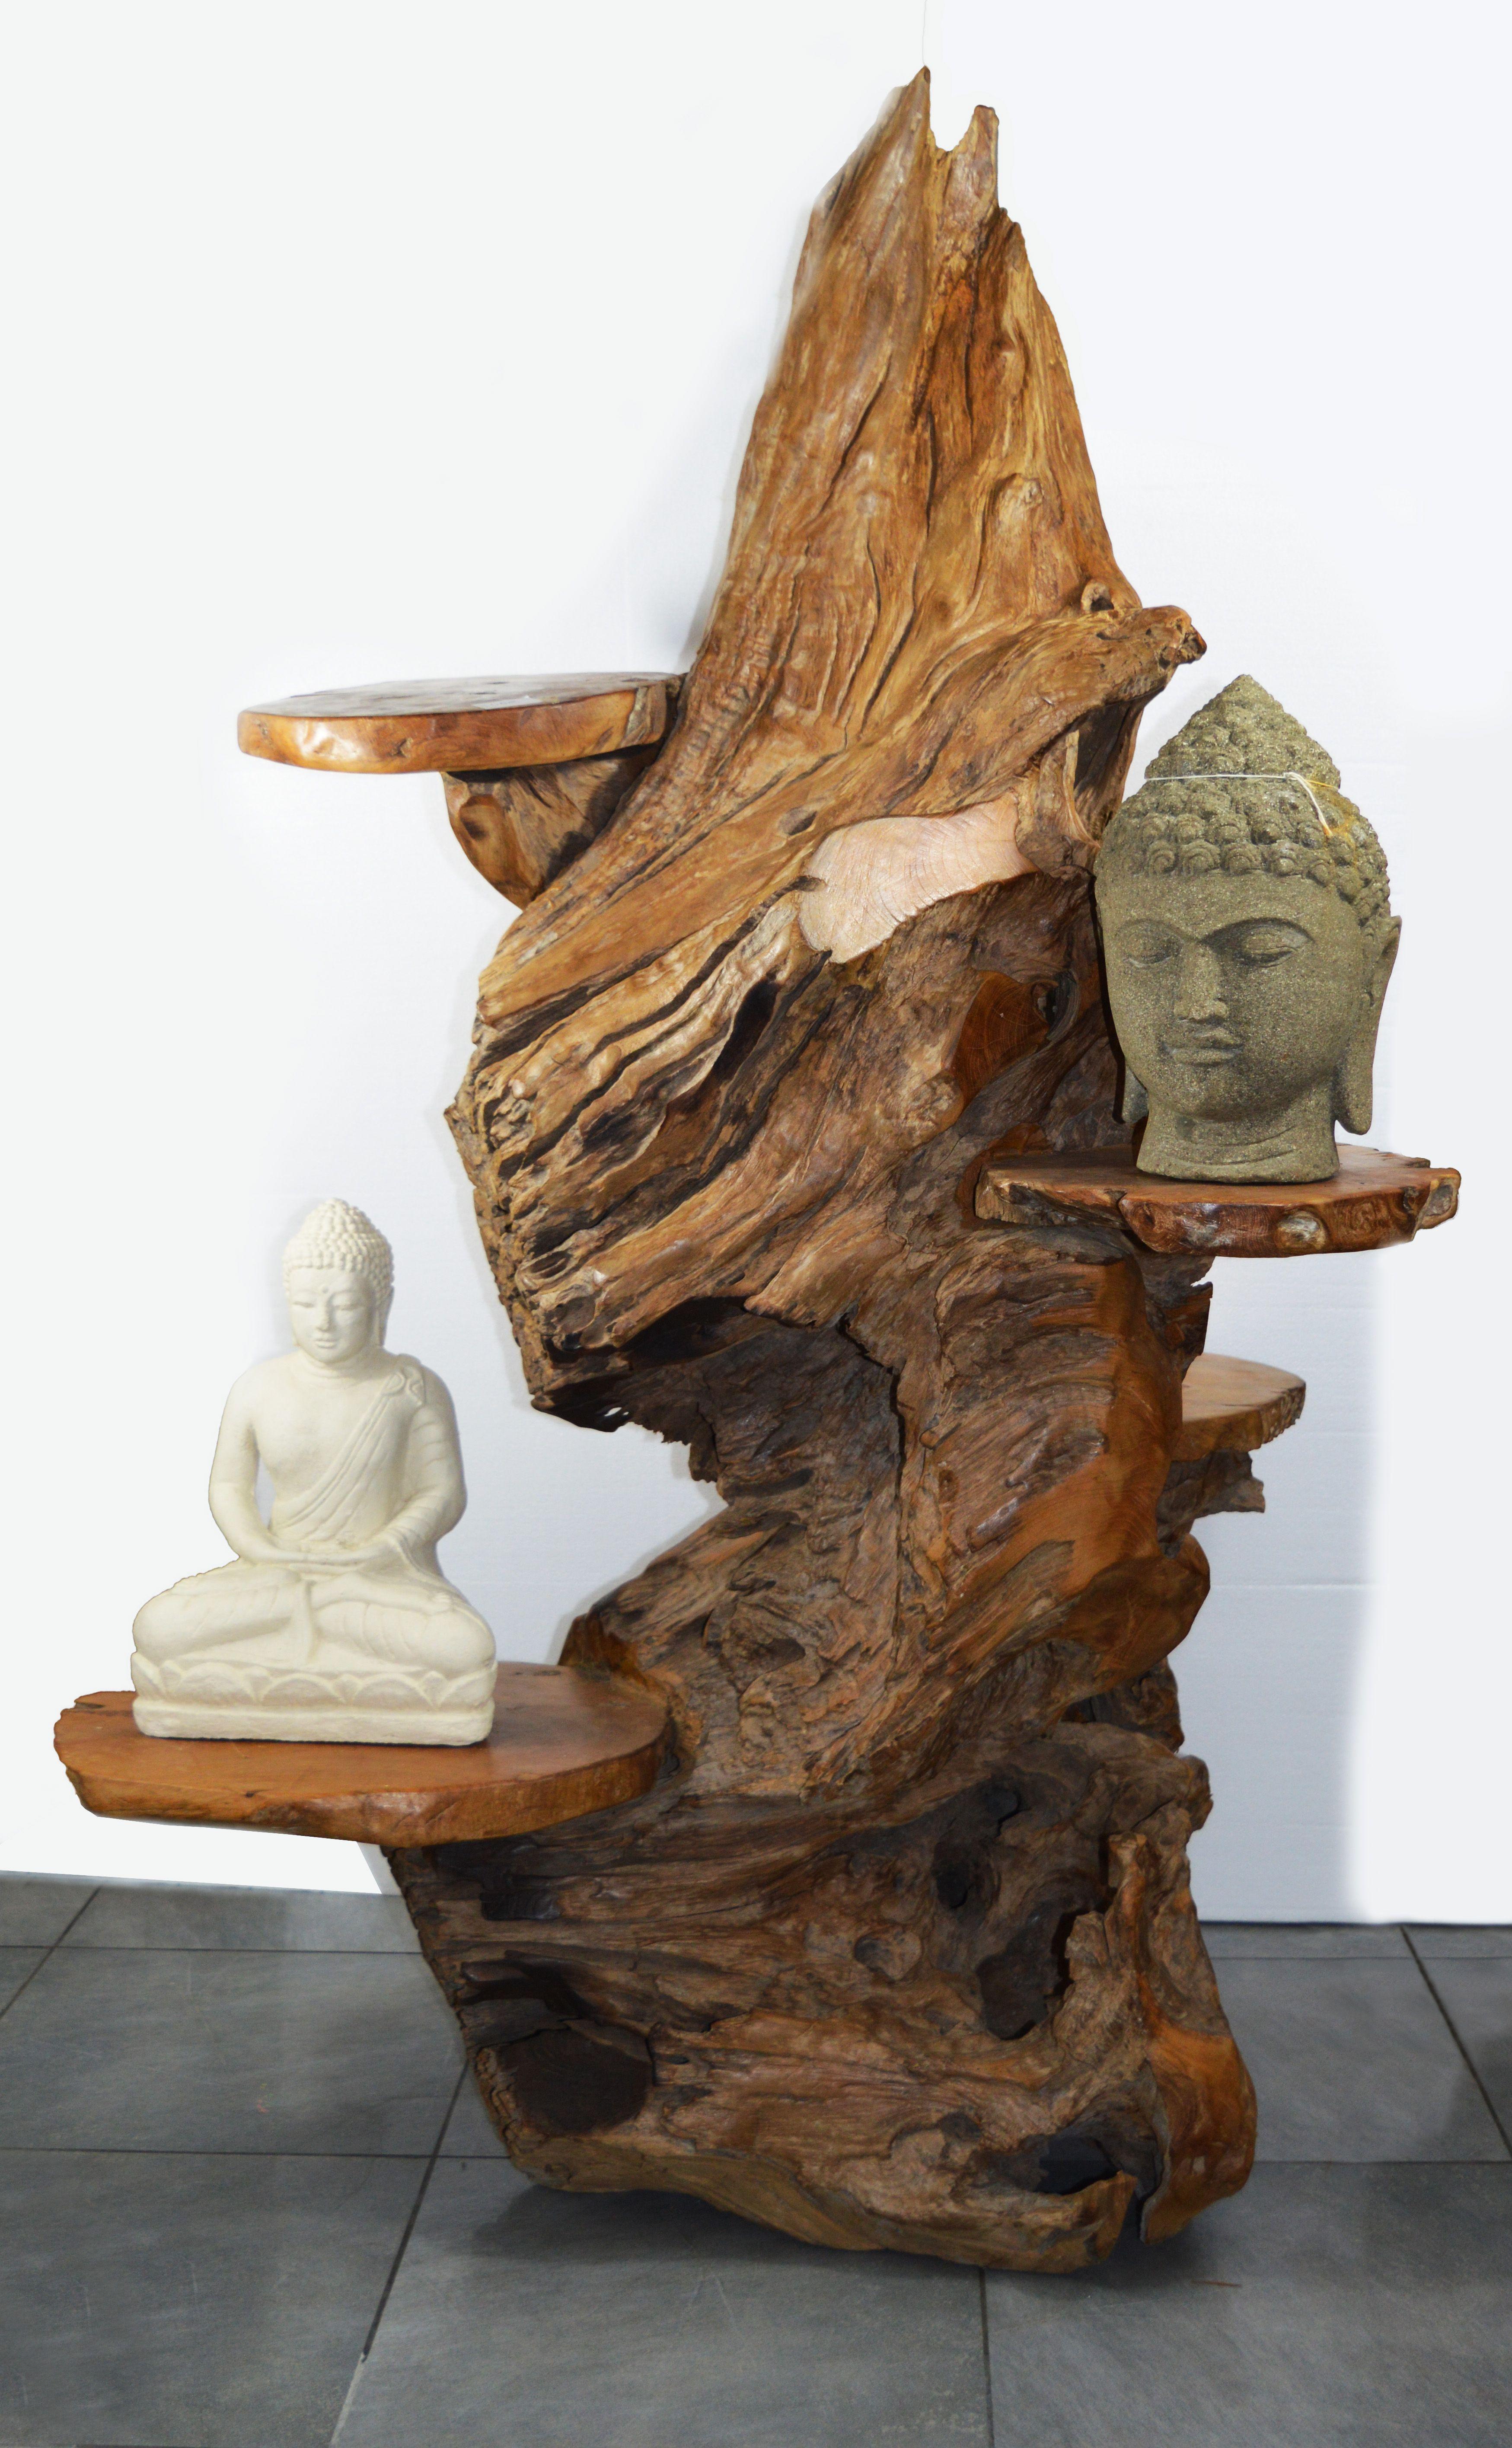 sculpture arbre chat en bois de teck avec plusieurs. Black Bedroom Furniture Sets. Home Design Ideas